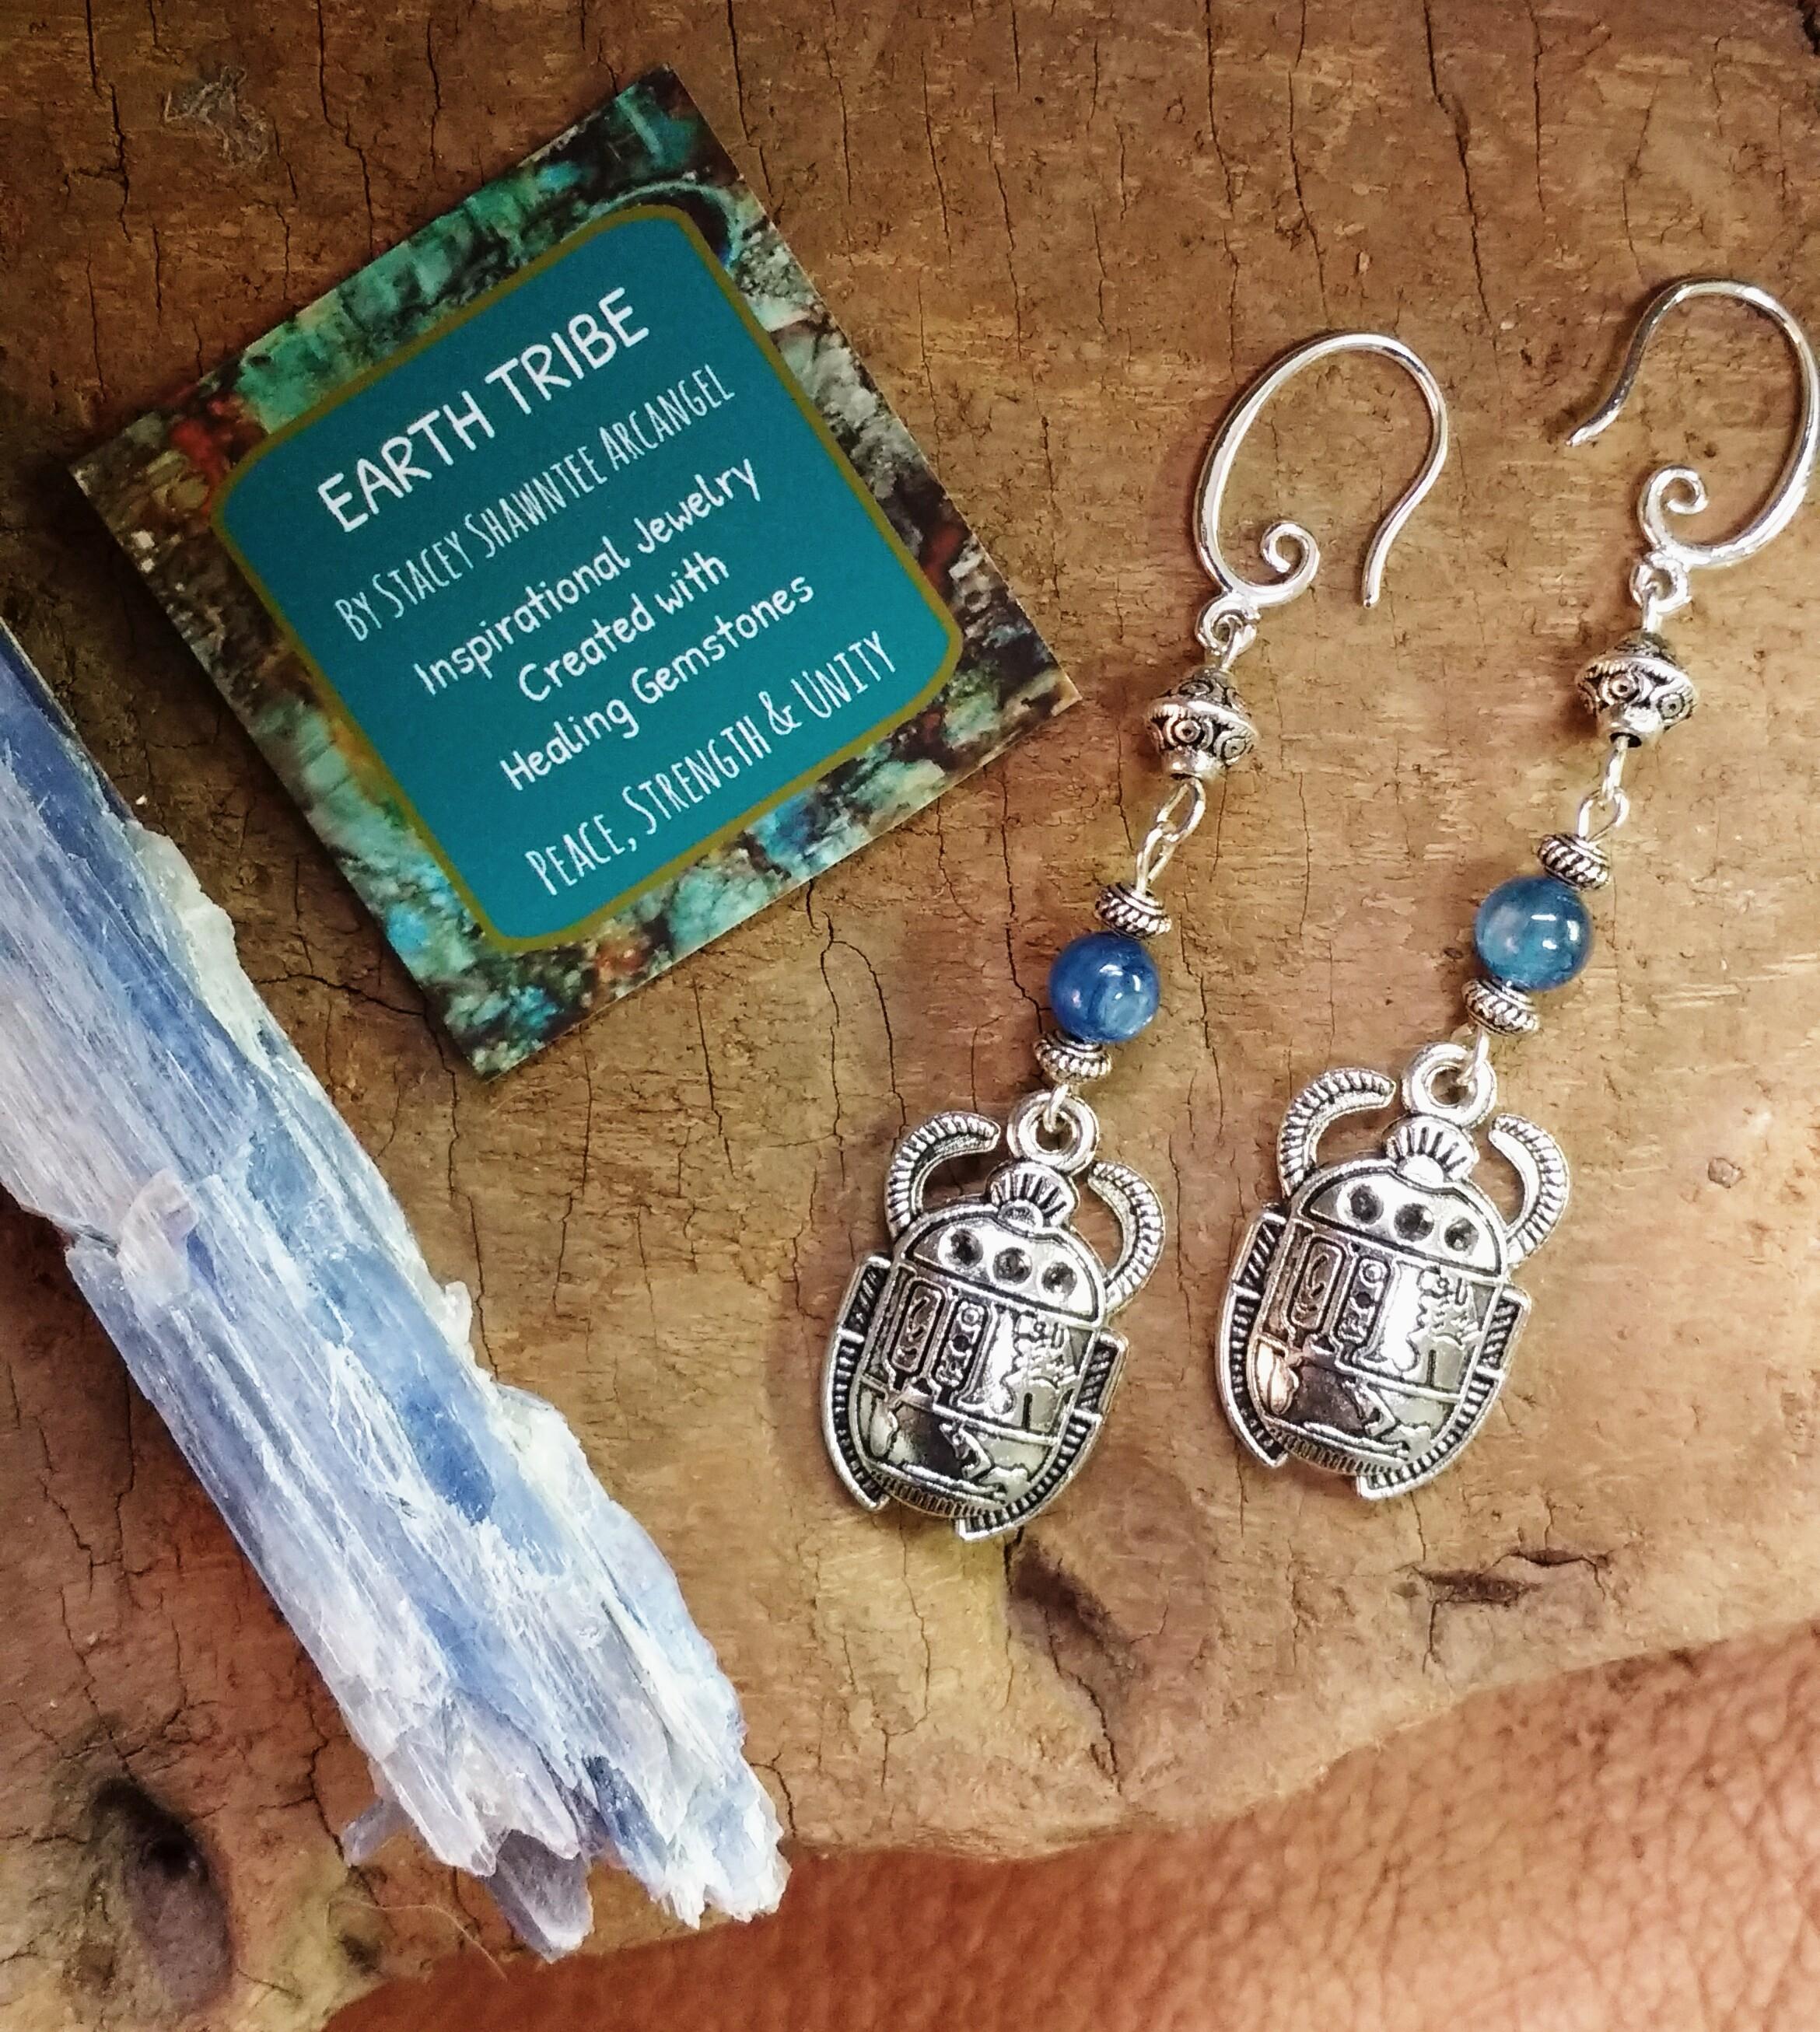 Earthtribe scarob earring.jpg